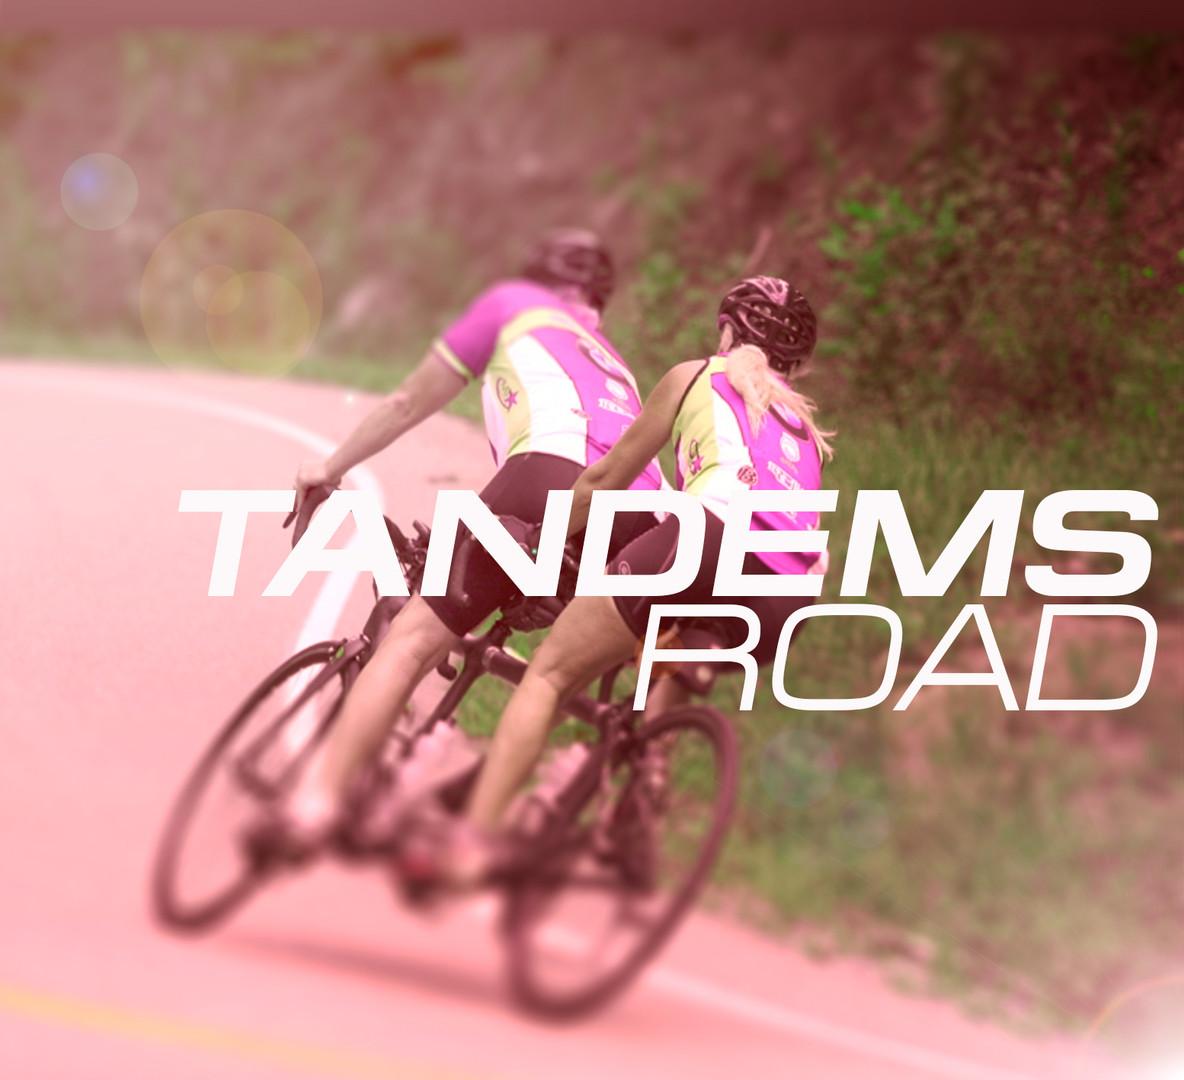 TANDEM ROAD HEADER.jpg